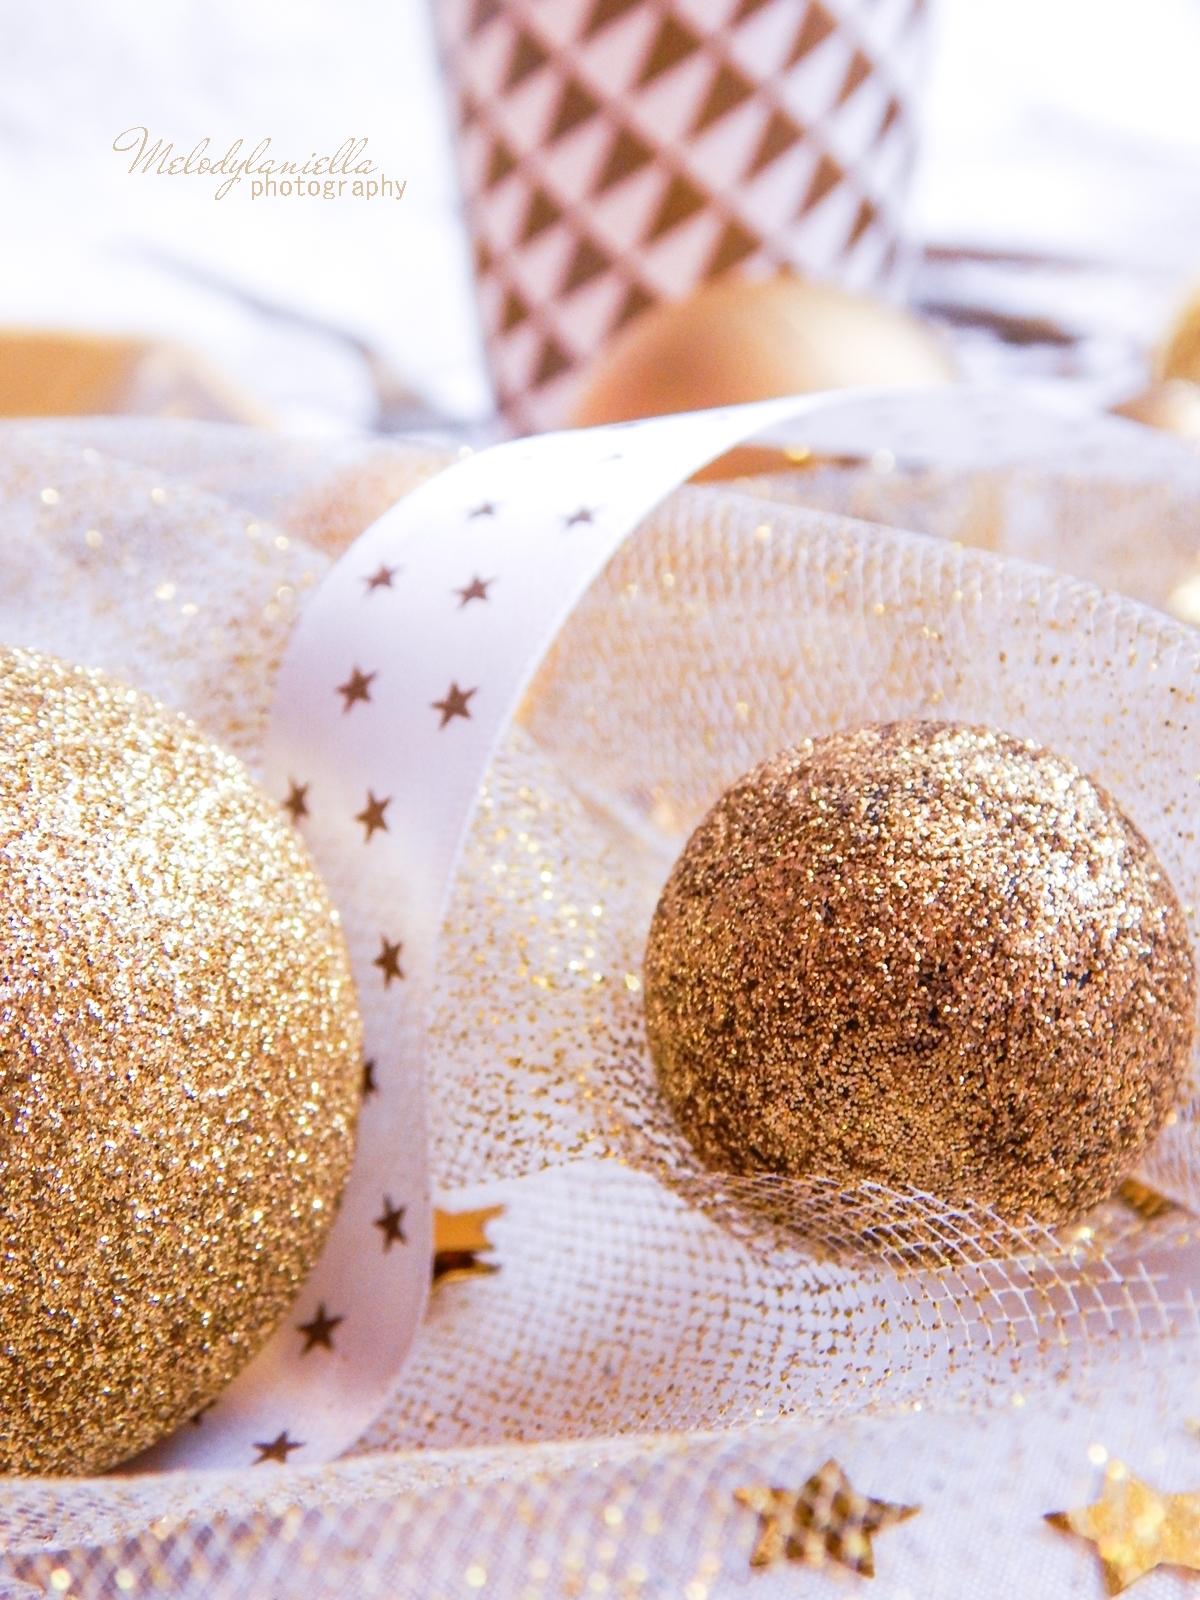 10 jak udekorować stół na imprezę dekoracja stołu karnawałowego świątecznego weselnego urodzinowego dekoracje dodatki partybox.pl partybox sklep z dodatkami na imprezy ciekawe gadżety